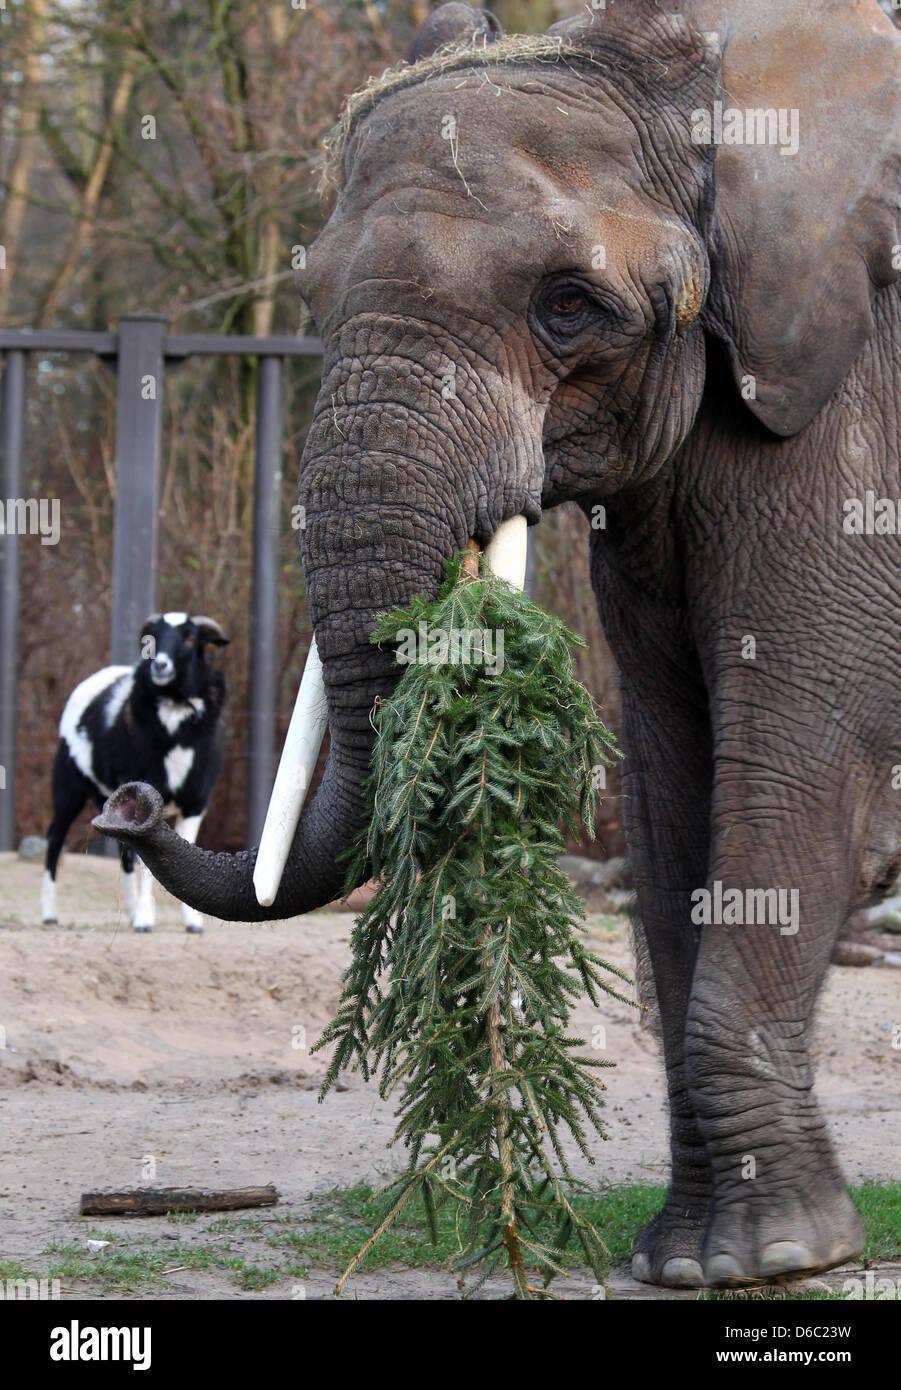 Weihnachtsbaum rostock